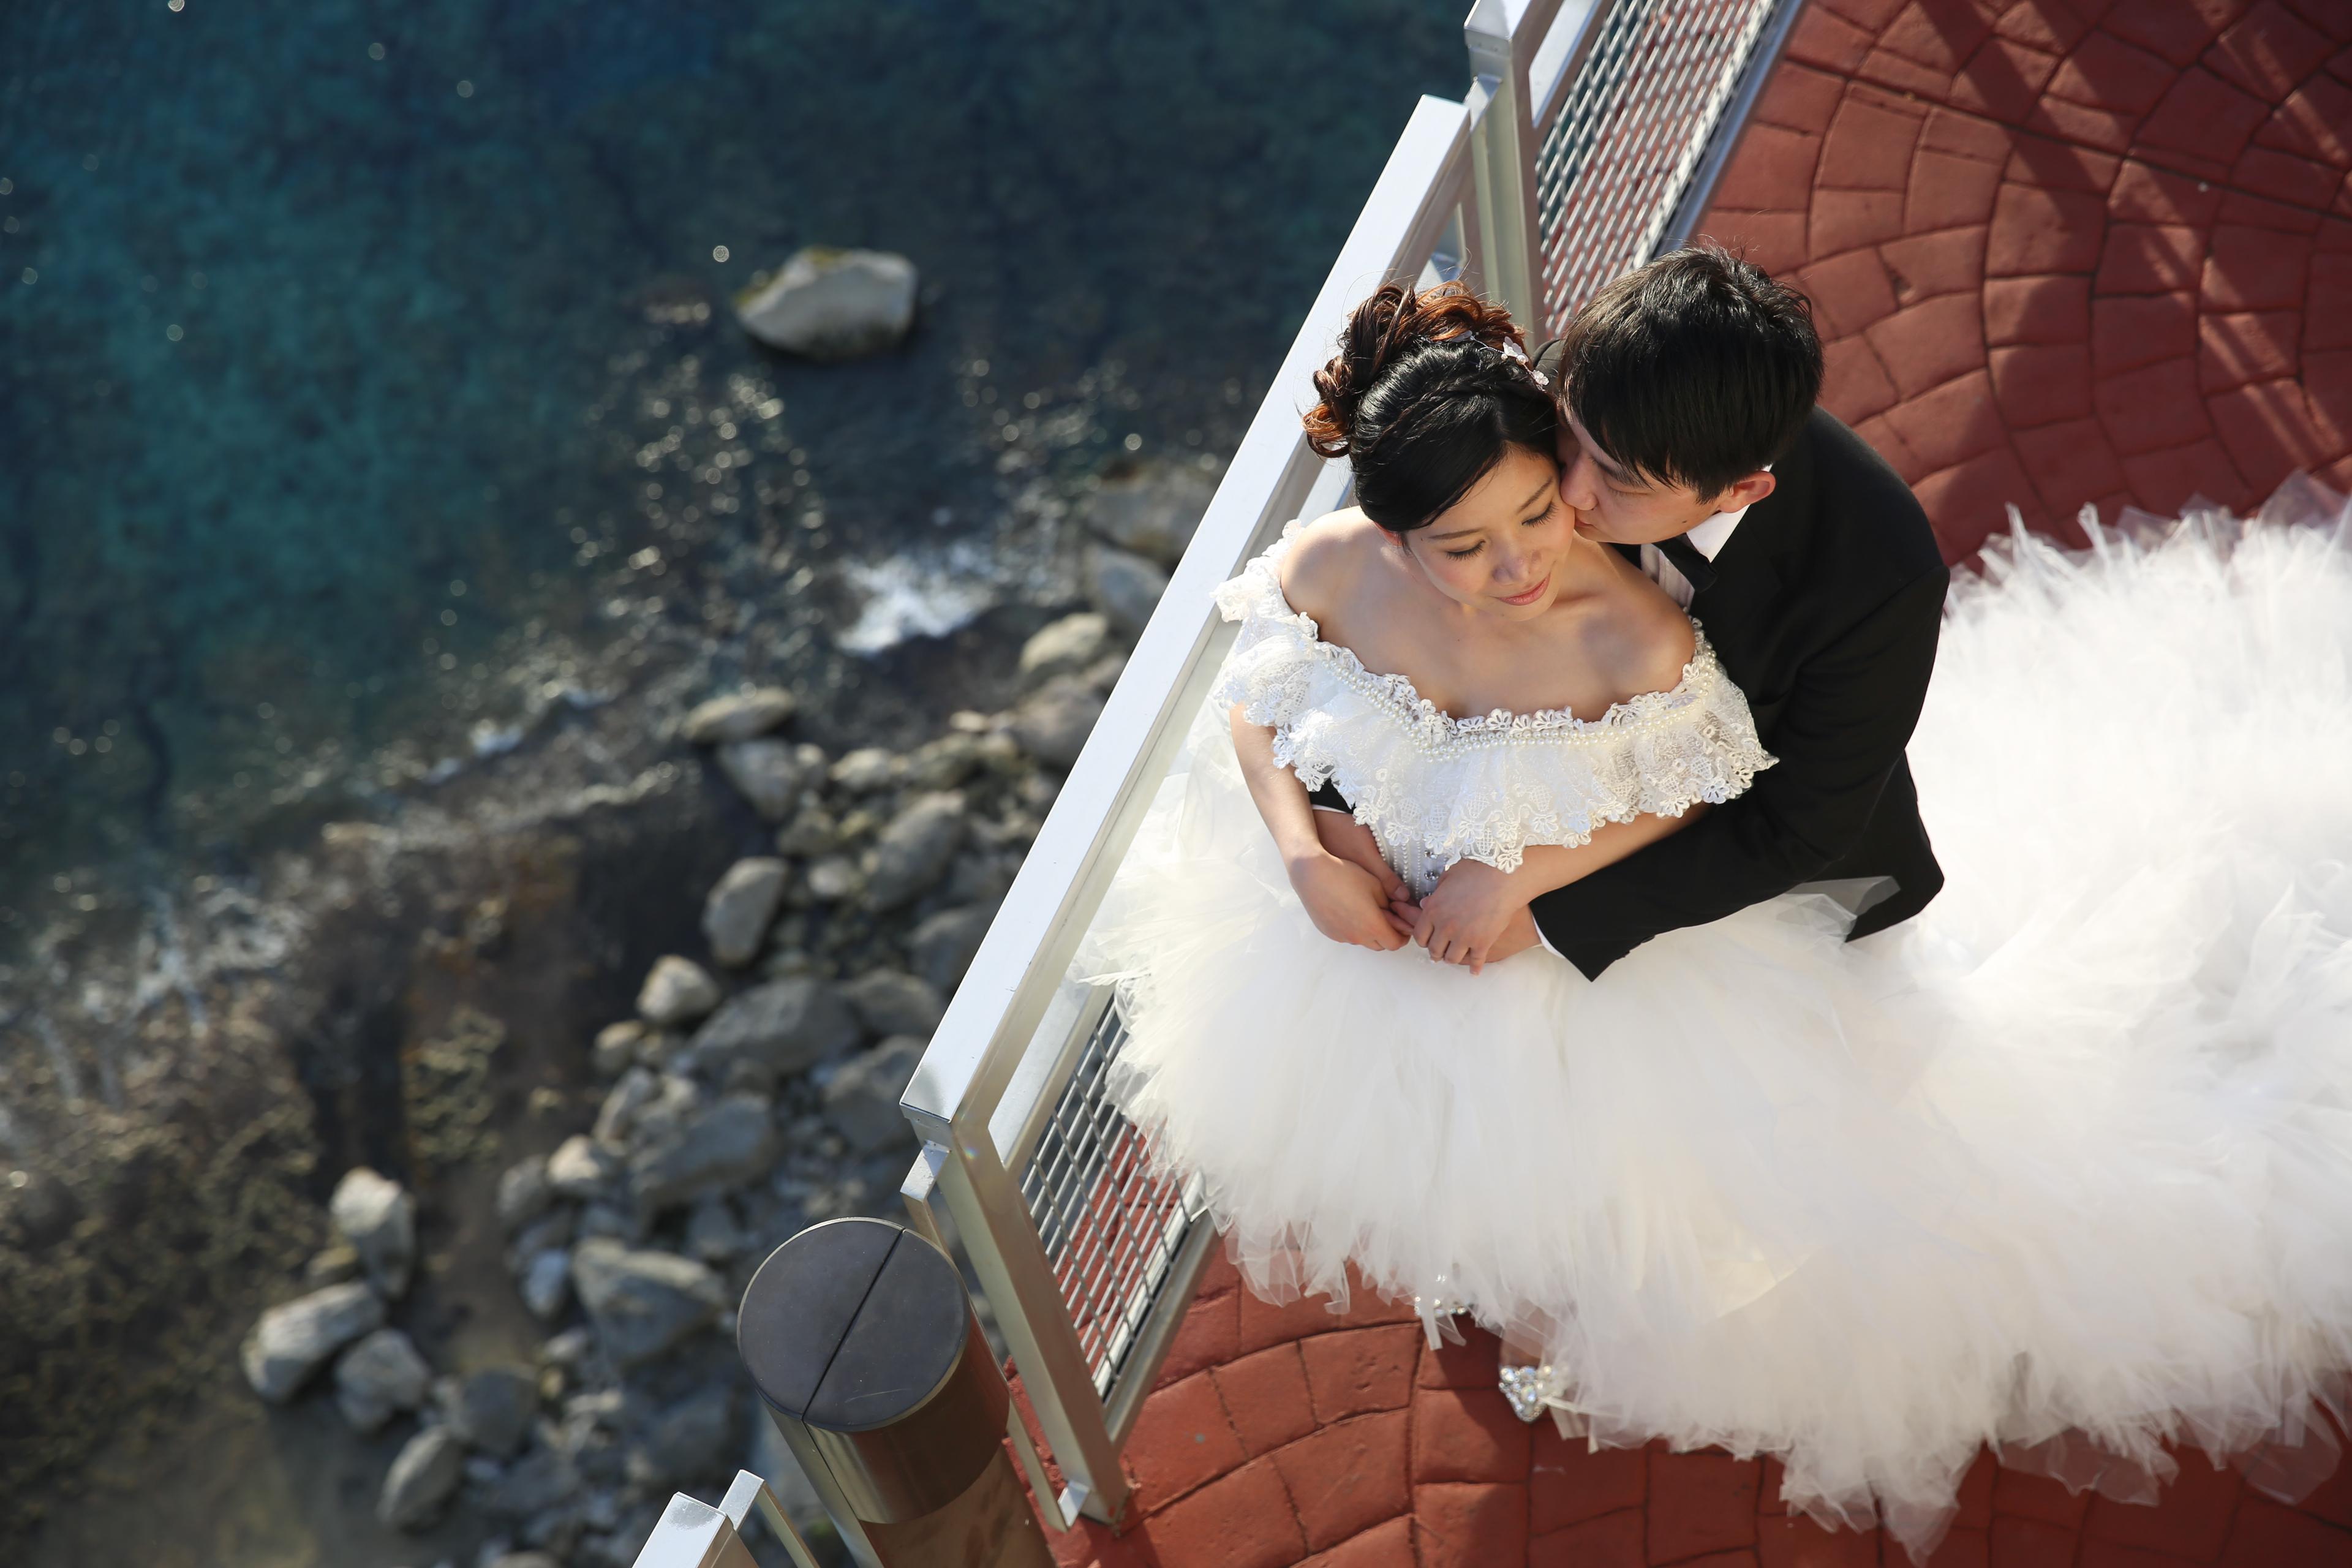 Jing paradise wedding